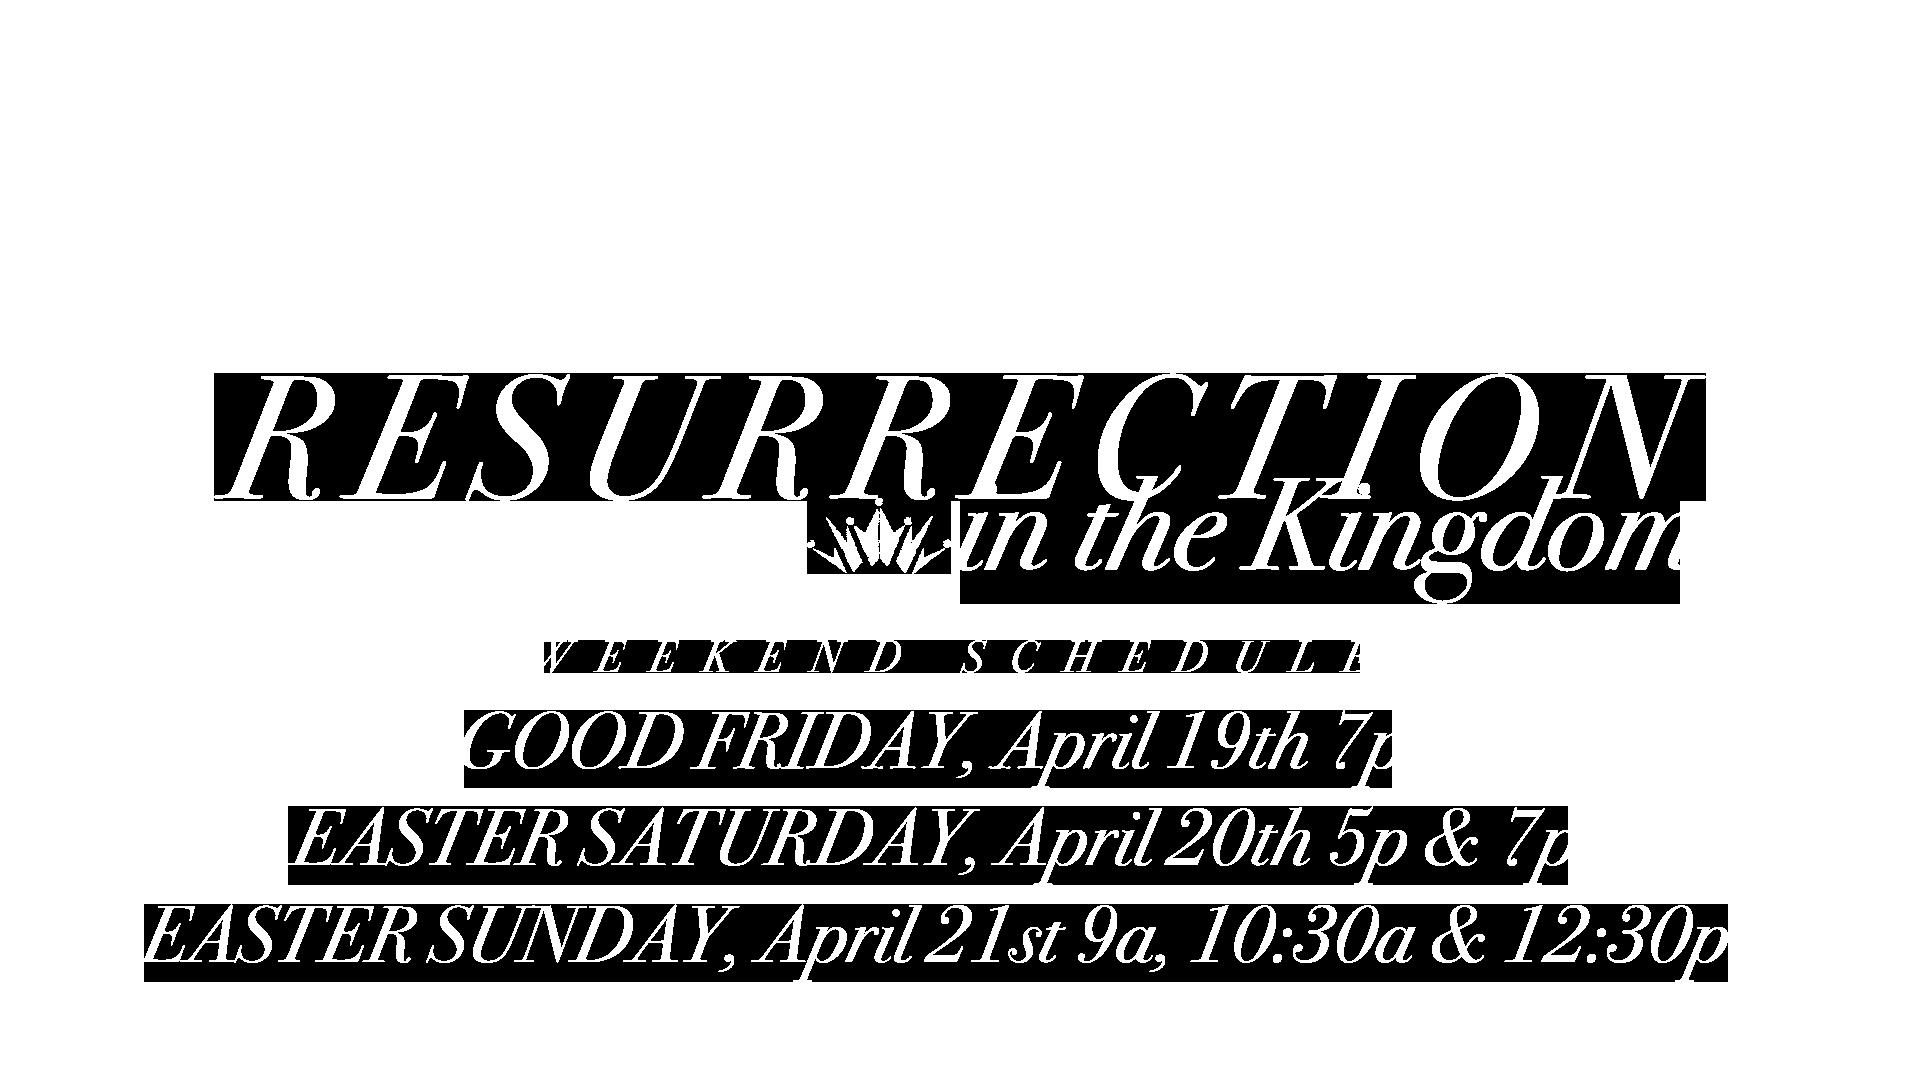 Resurrection Weekend Schedule